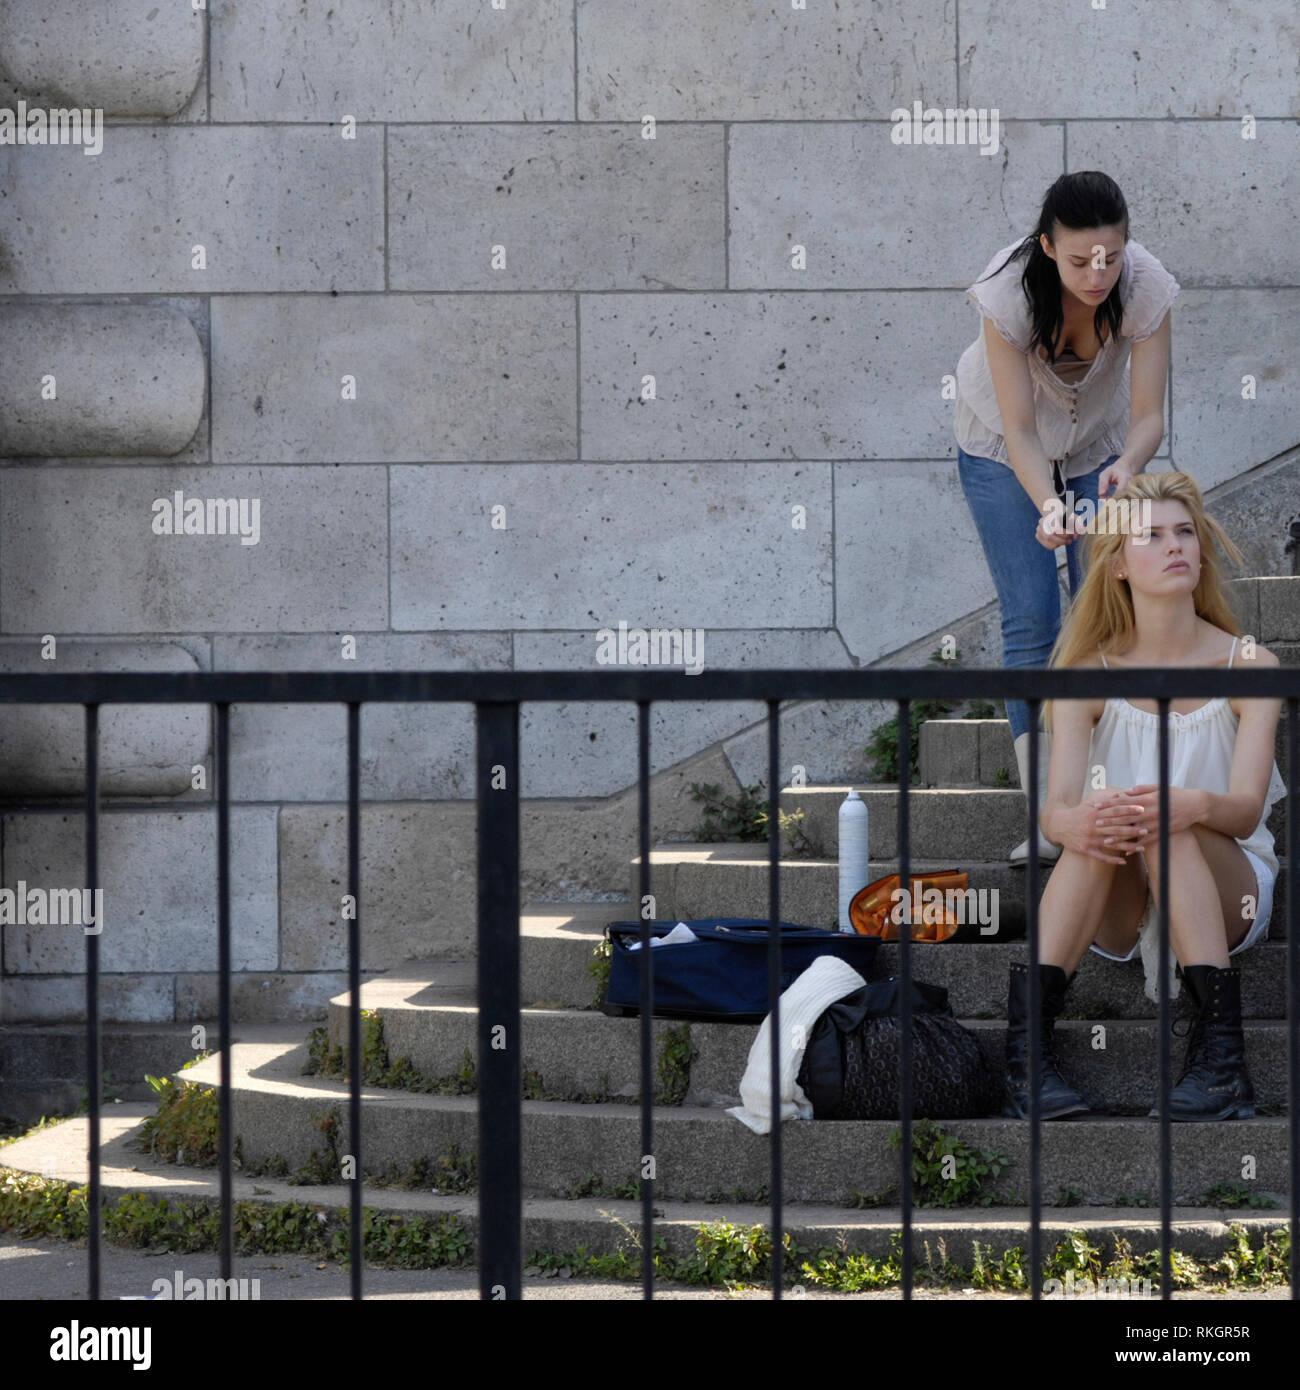 """PARIS MODE - FASHION MODEL HAVING A MAKE UP ON THE SPOT OF """" LES BERGES DE LA SEINE """" DURING A SHOOTING OUTSIDE ASSISTED BY A YOUNG HAIR DRESSER GIRL - PARIS WOOMAN - SCEANCE PHOTO D'UN MODEL SUR LES QUAIS - PHOTOGRAPHY MODEL IN PARIS - FRENCH ELEGANCE - COLOR ARCHIVE © Frédéric BEAUMONT Stock Photo"""